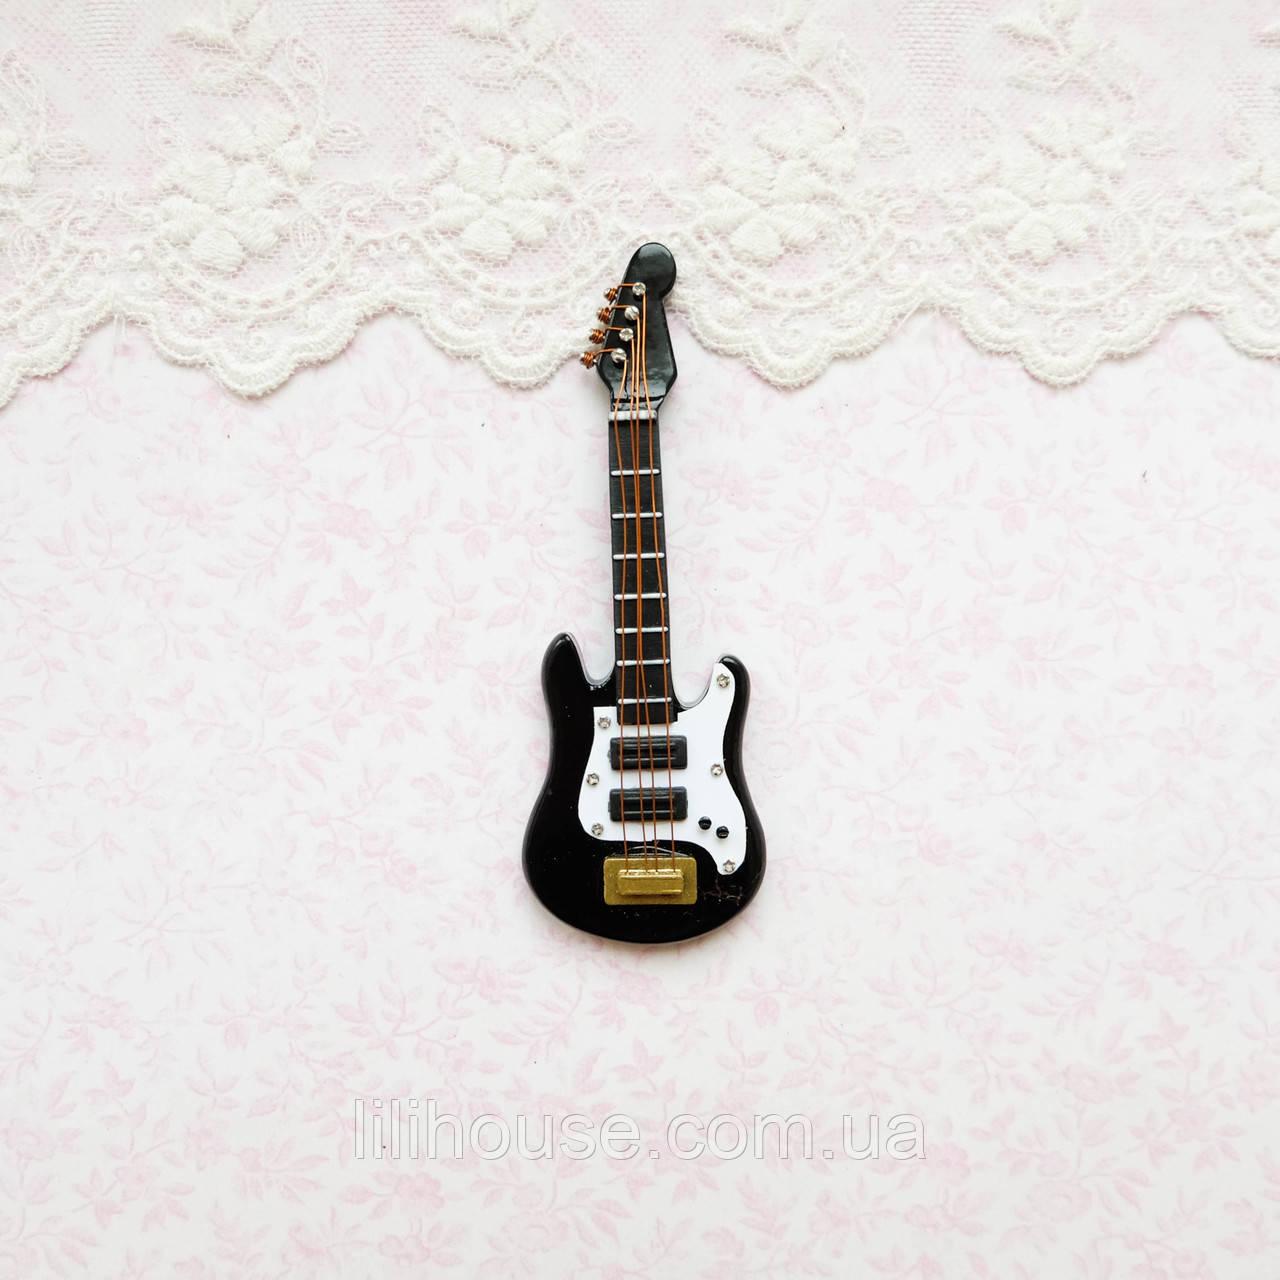 1:12 Миниатюра Гитара Бас 8.8 см ЧЕРНО-БЕЛАЯ